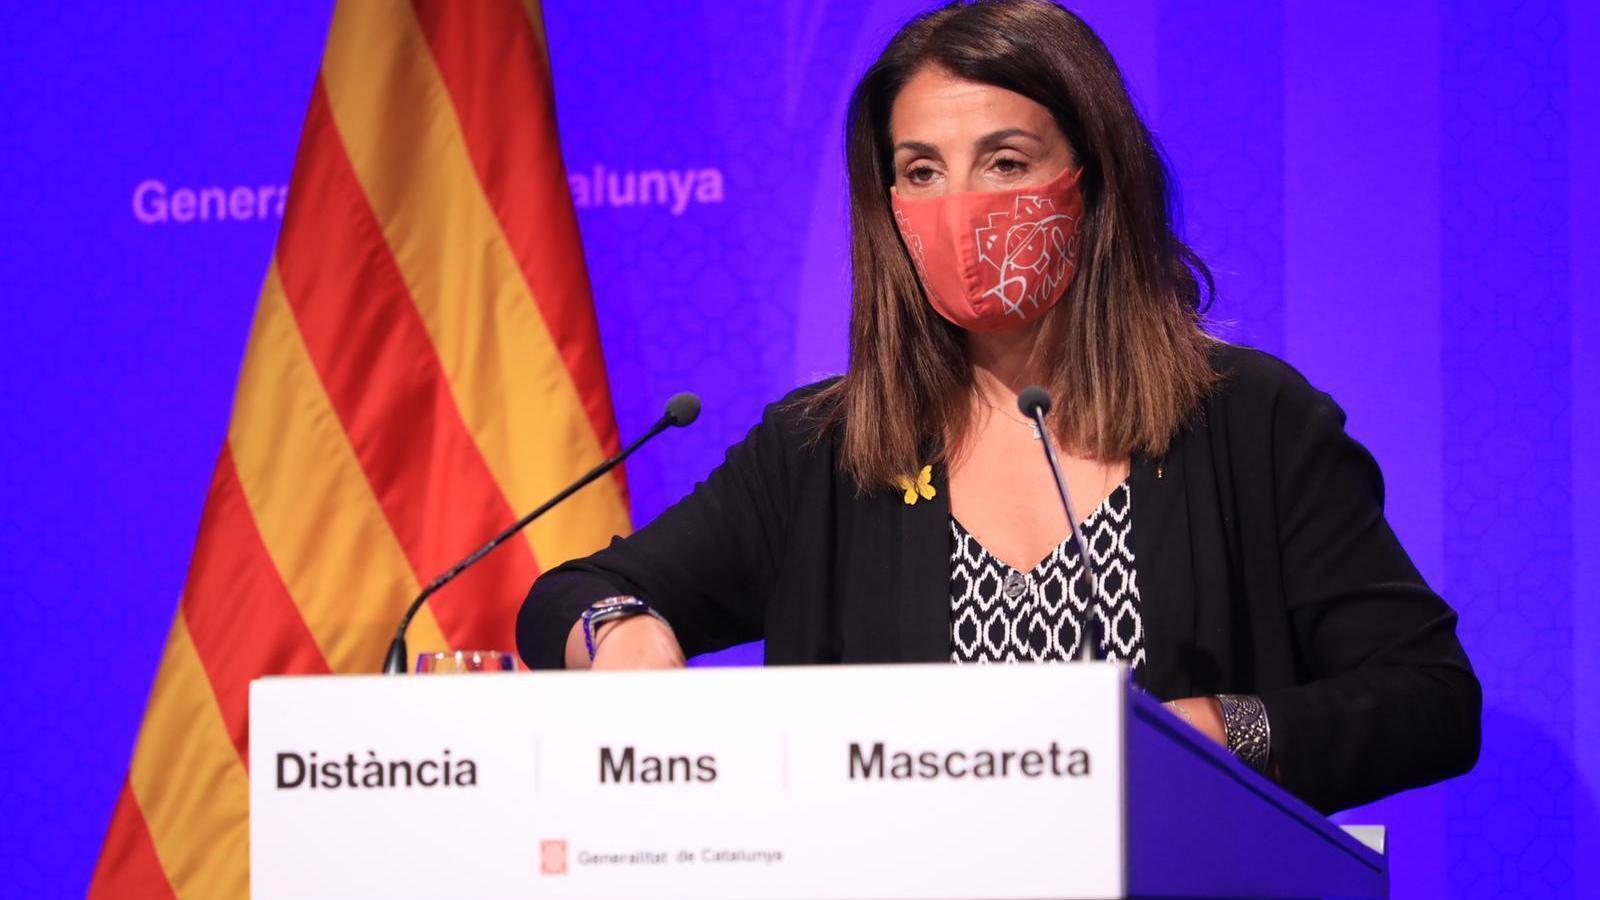 EN DIRECTE |  Budó compareix després del consell executiu d'aquest dijous